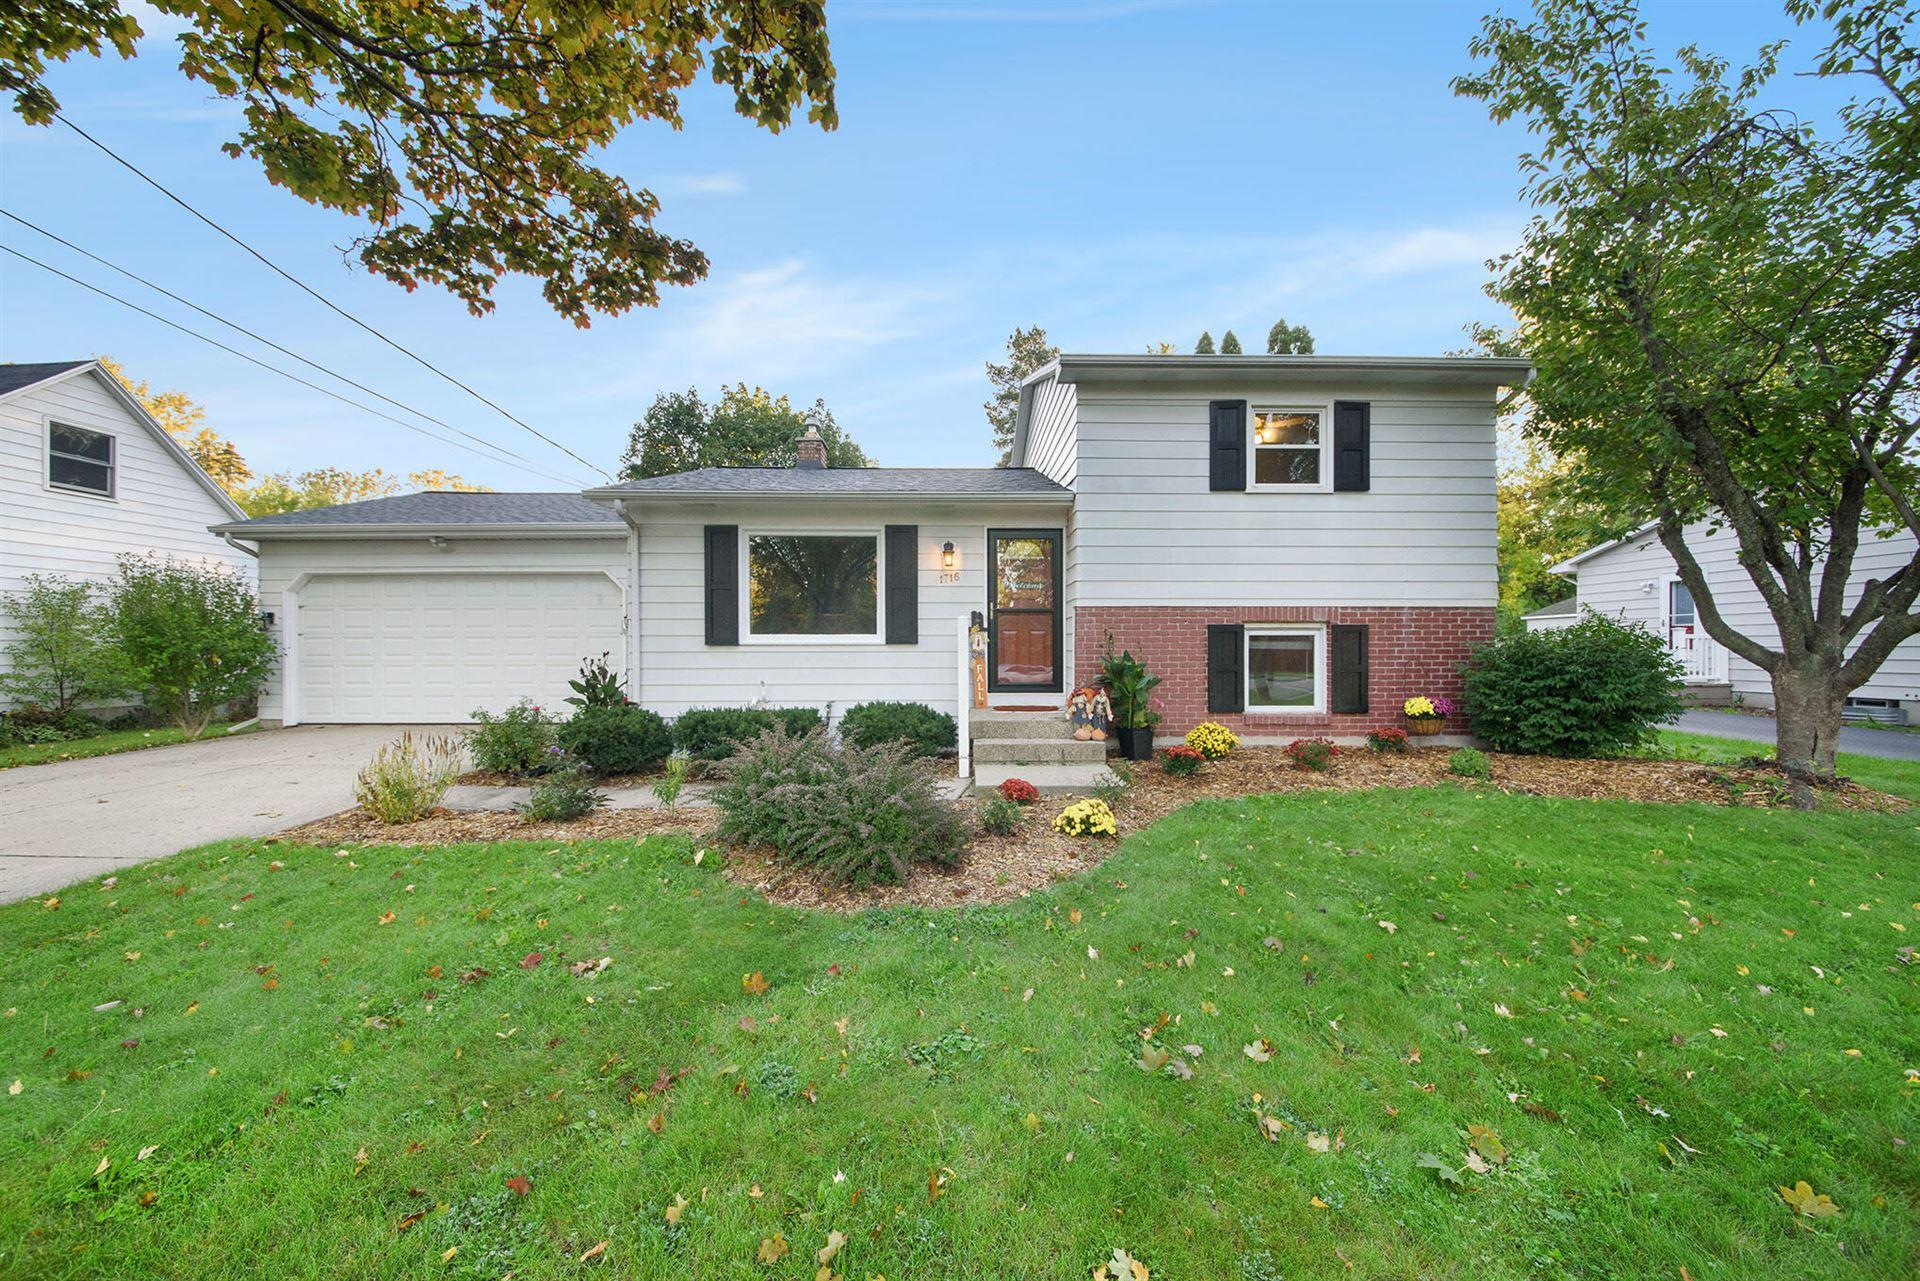 1716 Woodlawn Avenue SE, Grand Rapids, MI 49506 - MLS#: 21111441